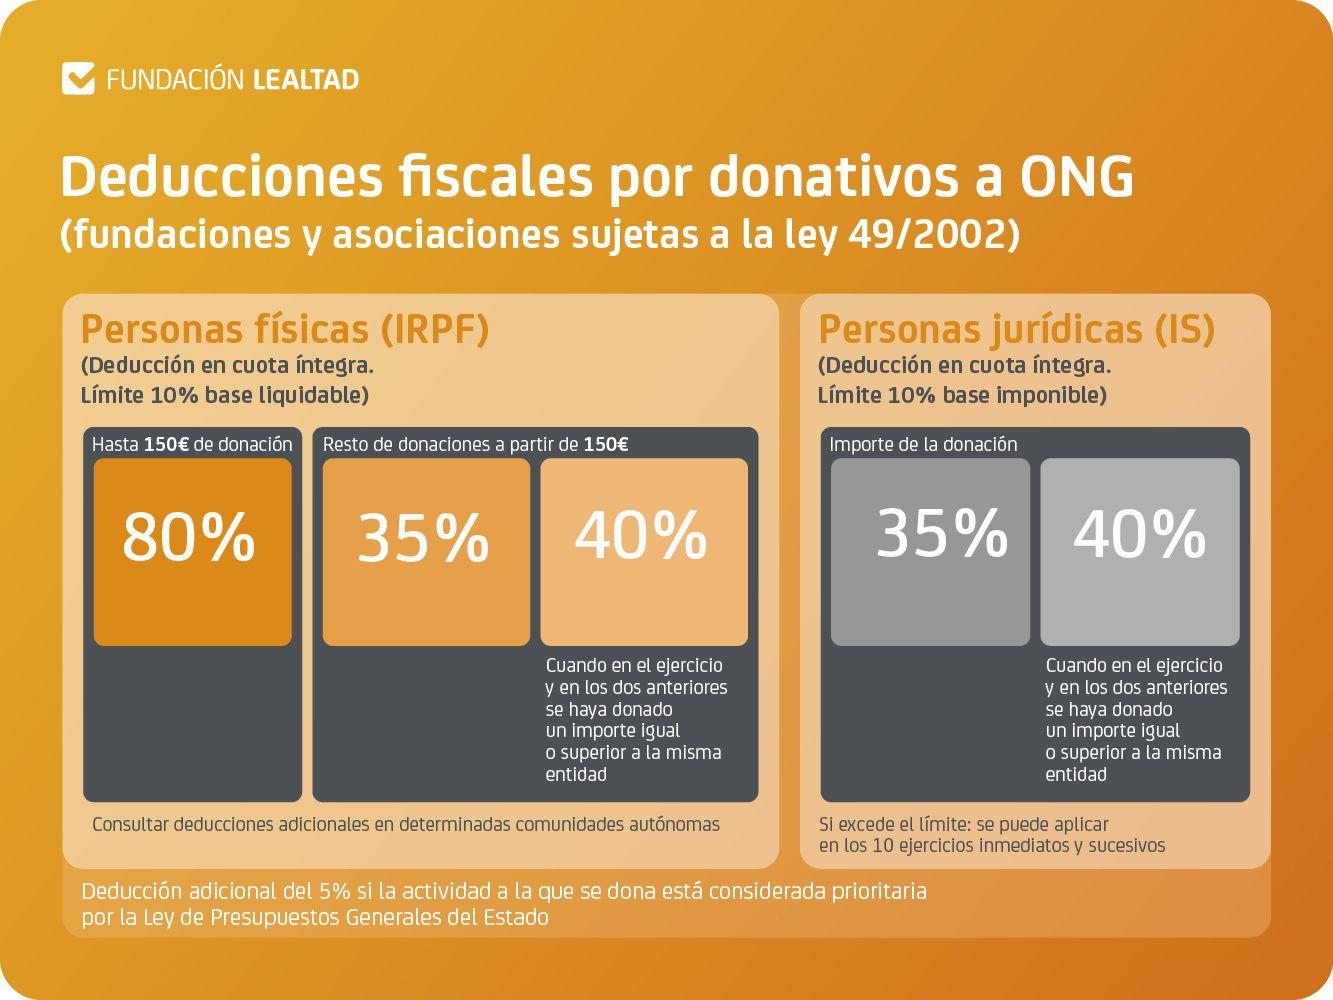 Desgravación Fiscal ong smile is a foundation